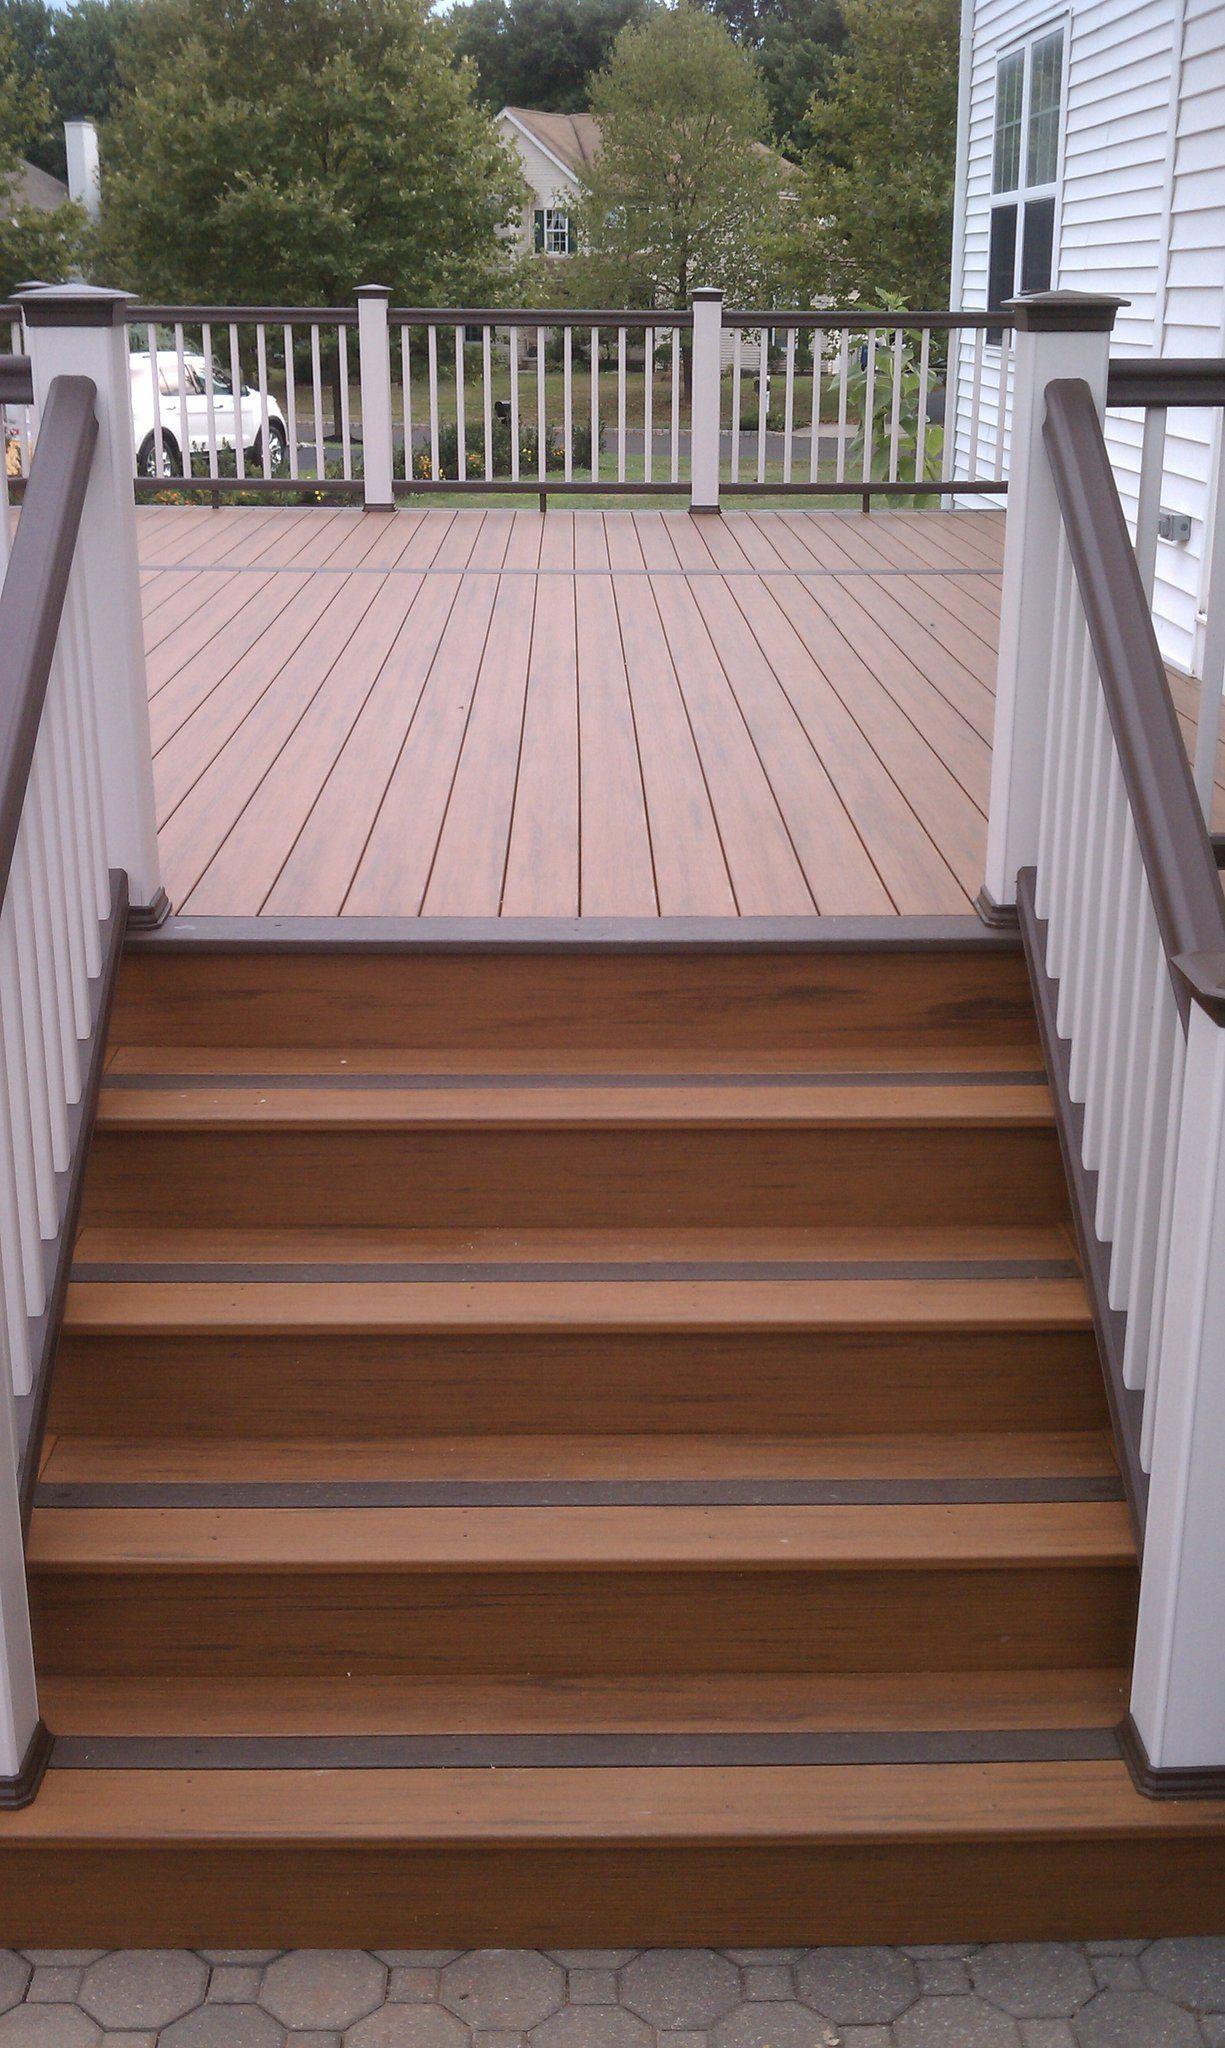 Deck Install Timber Tech Earthwood Building A Deck Deck Design Diy Deck